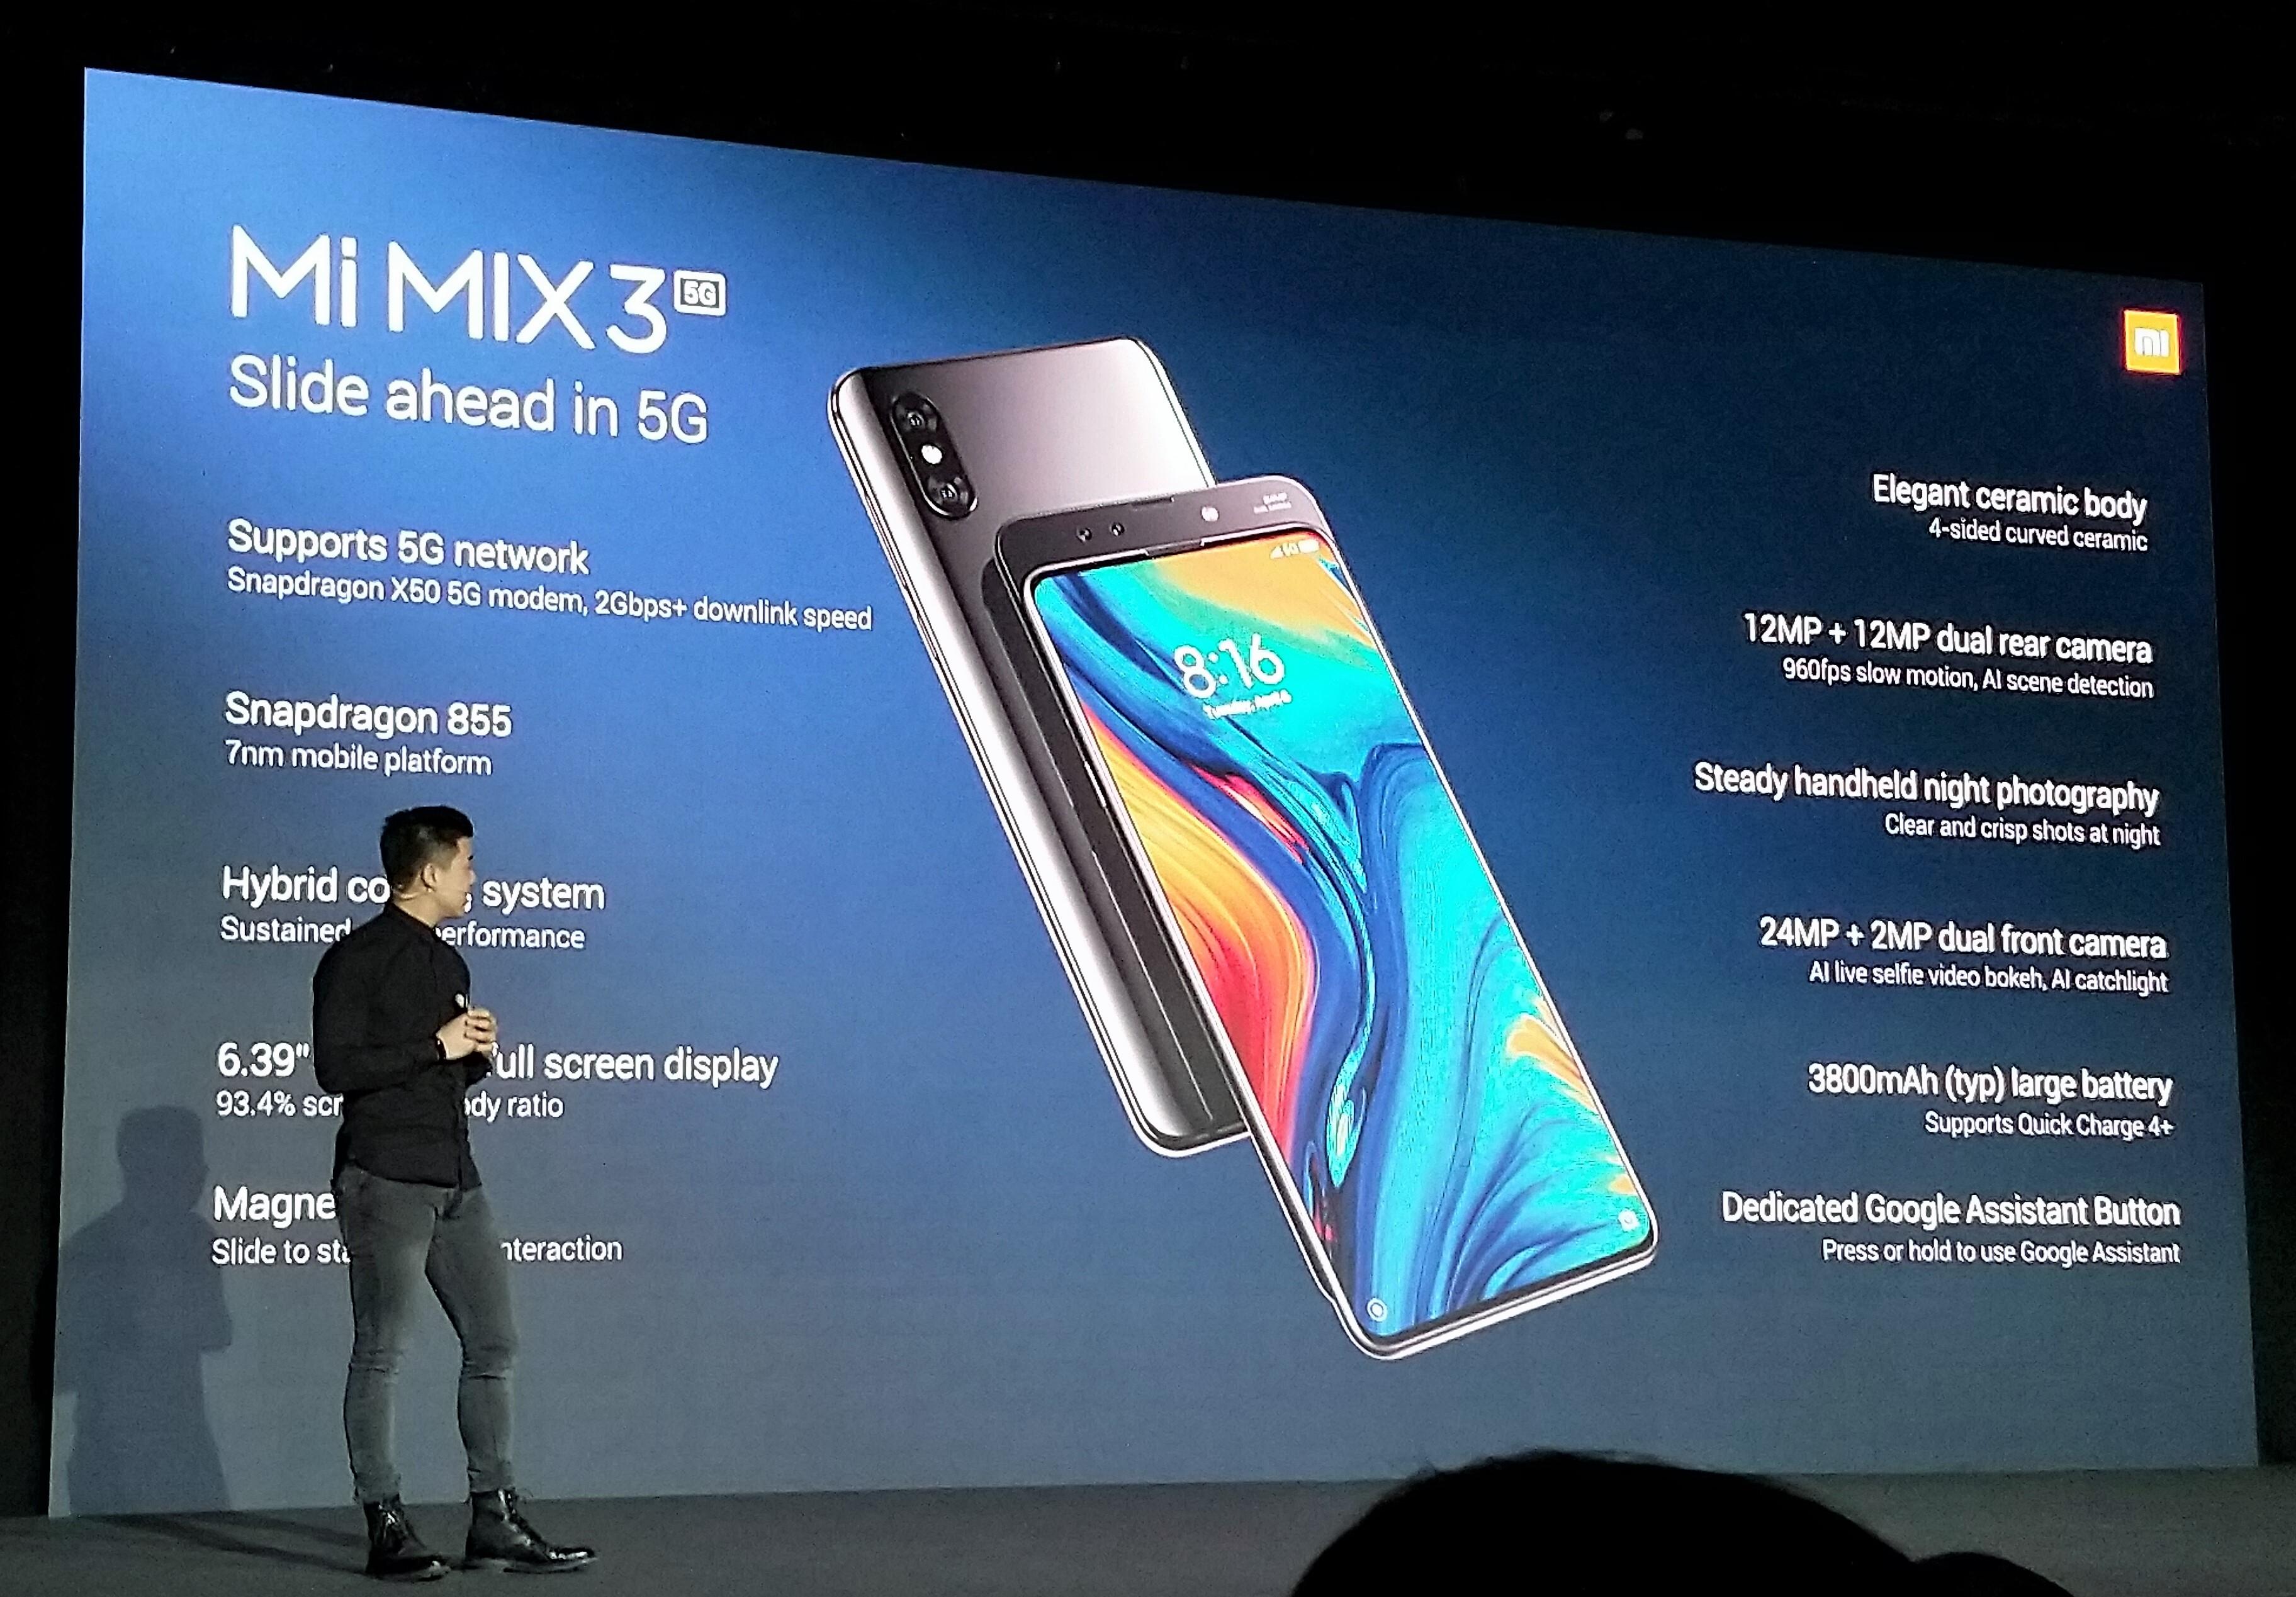 MWC 2019: Xiaomi announces 5G smartphone Mi MIX 3 5G